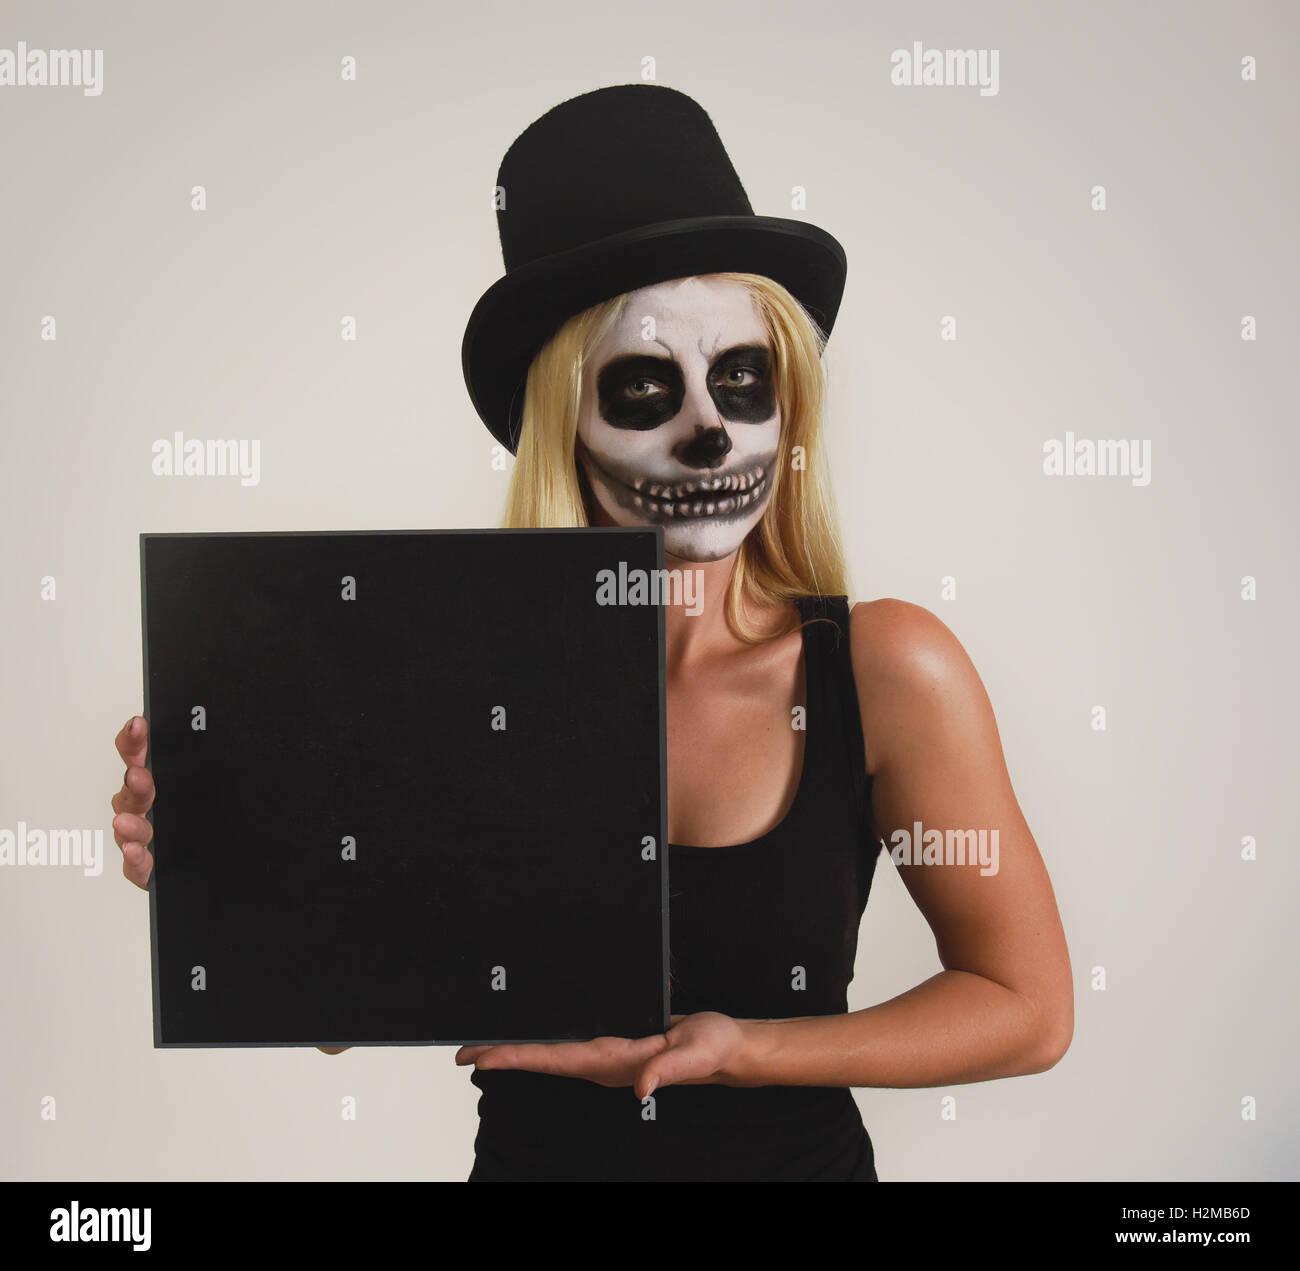 Une jeune fille porte un chapeau noir avec un squelette effrayant peinture maquillage sur son visage holding a blank sign pour un message d'halloween Banque D'Images